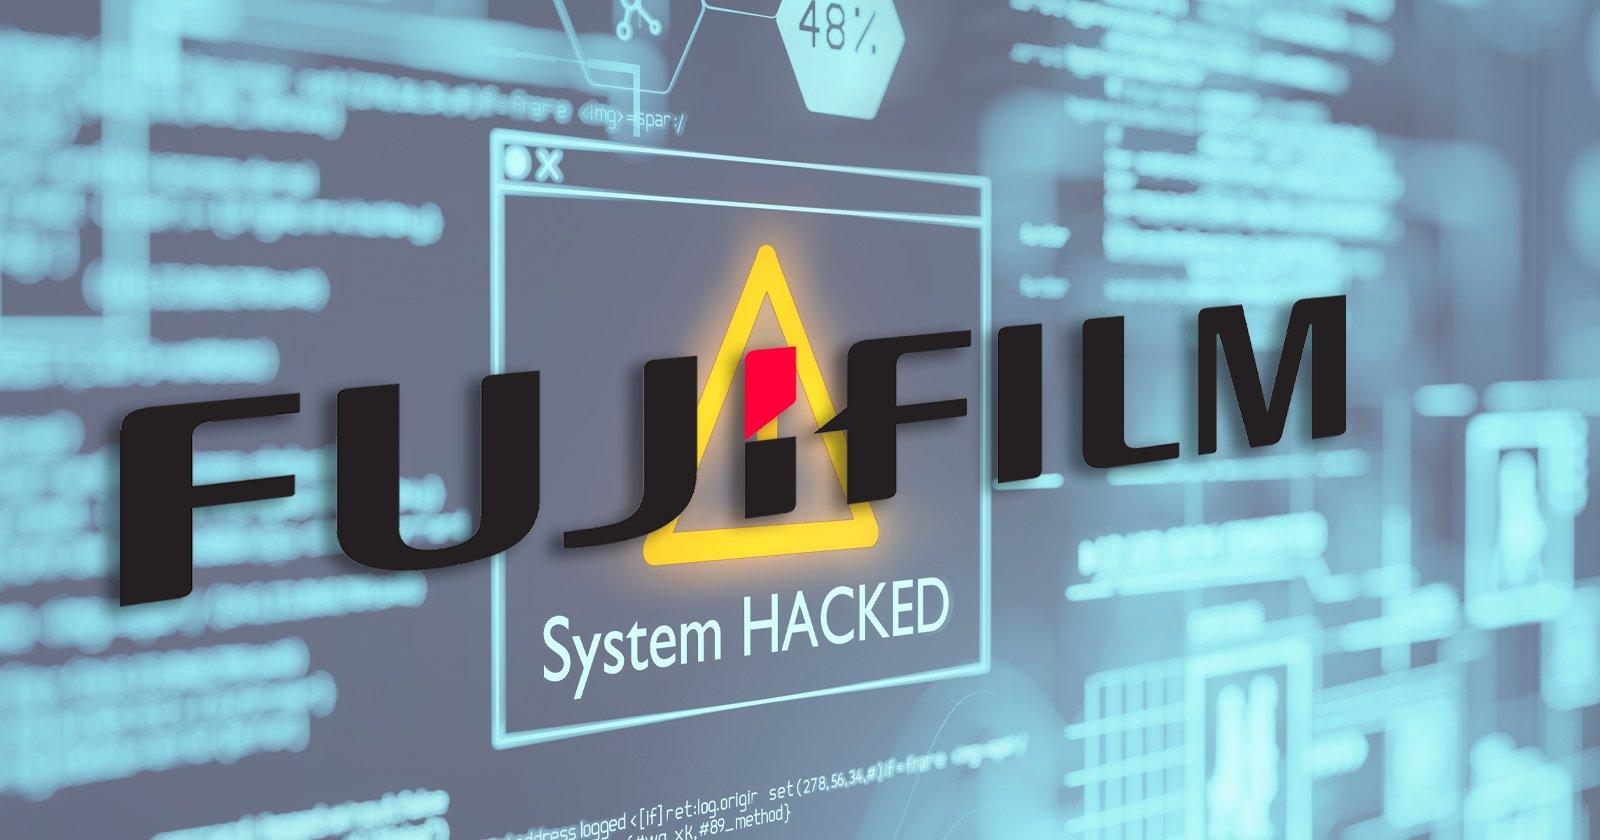 Fujifilm chiude i server per indagare su possibili attacchi informatici Cyber